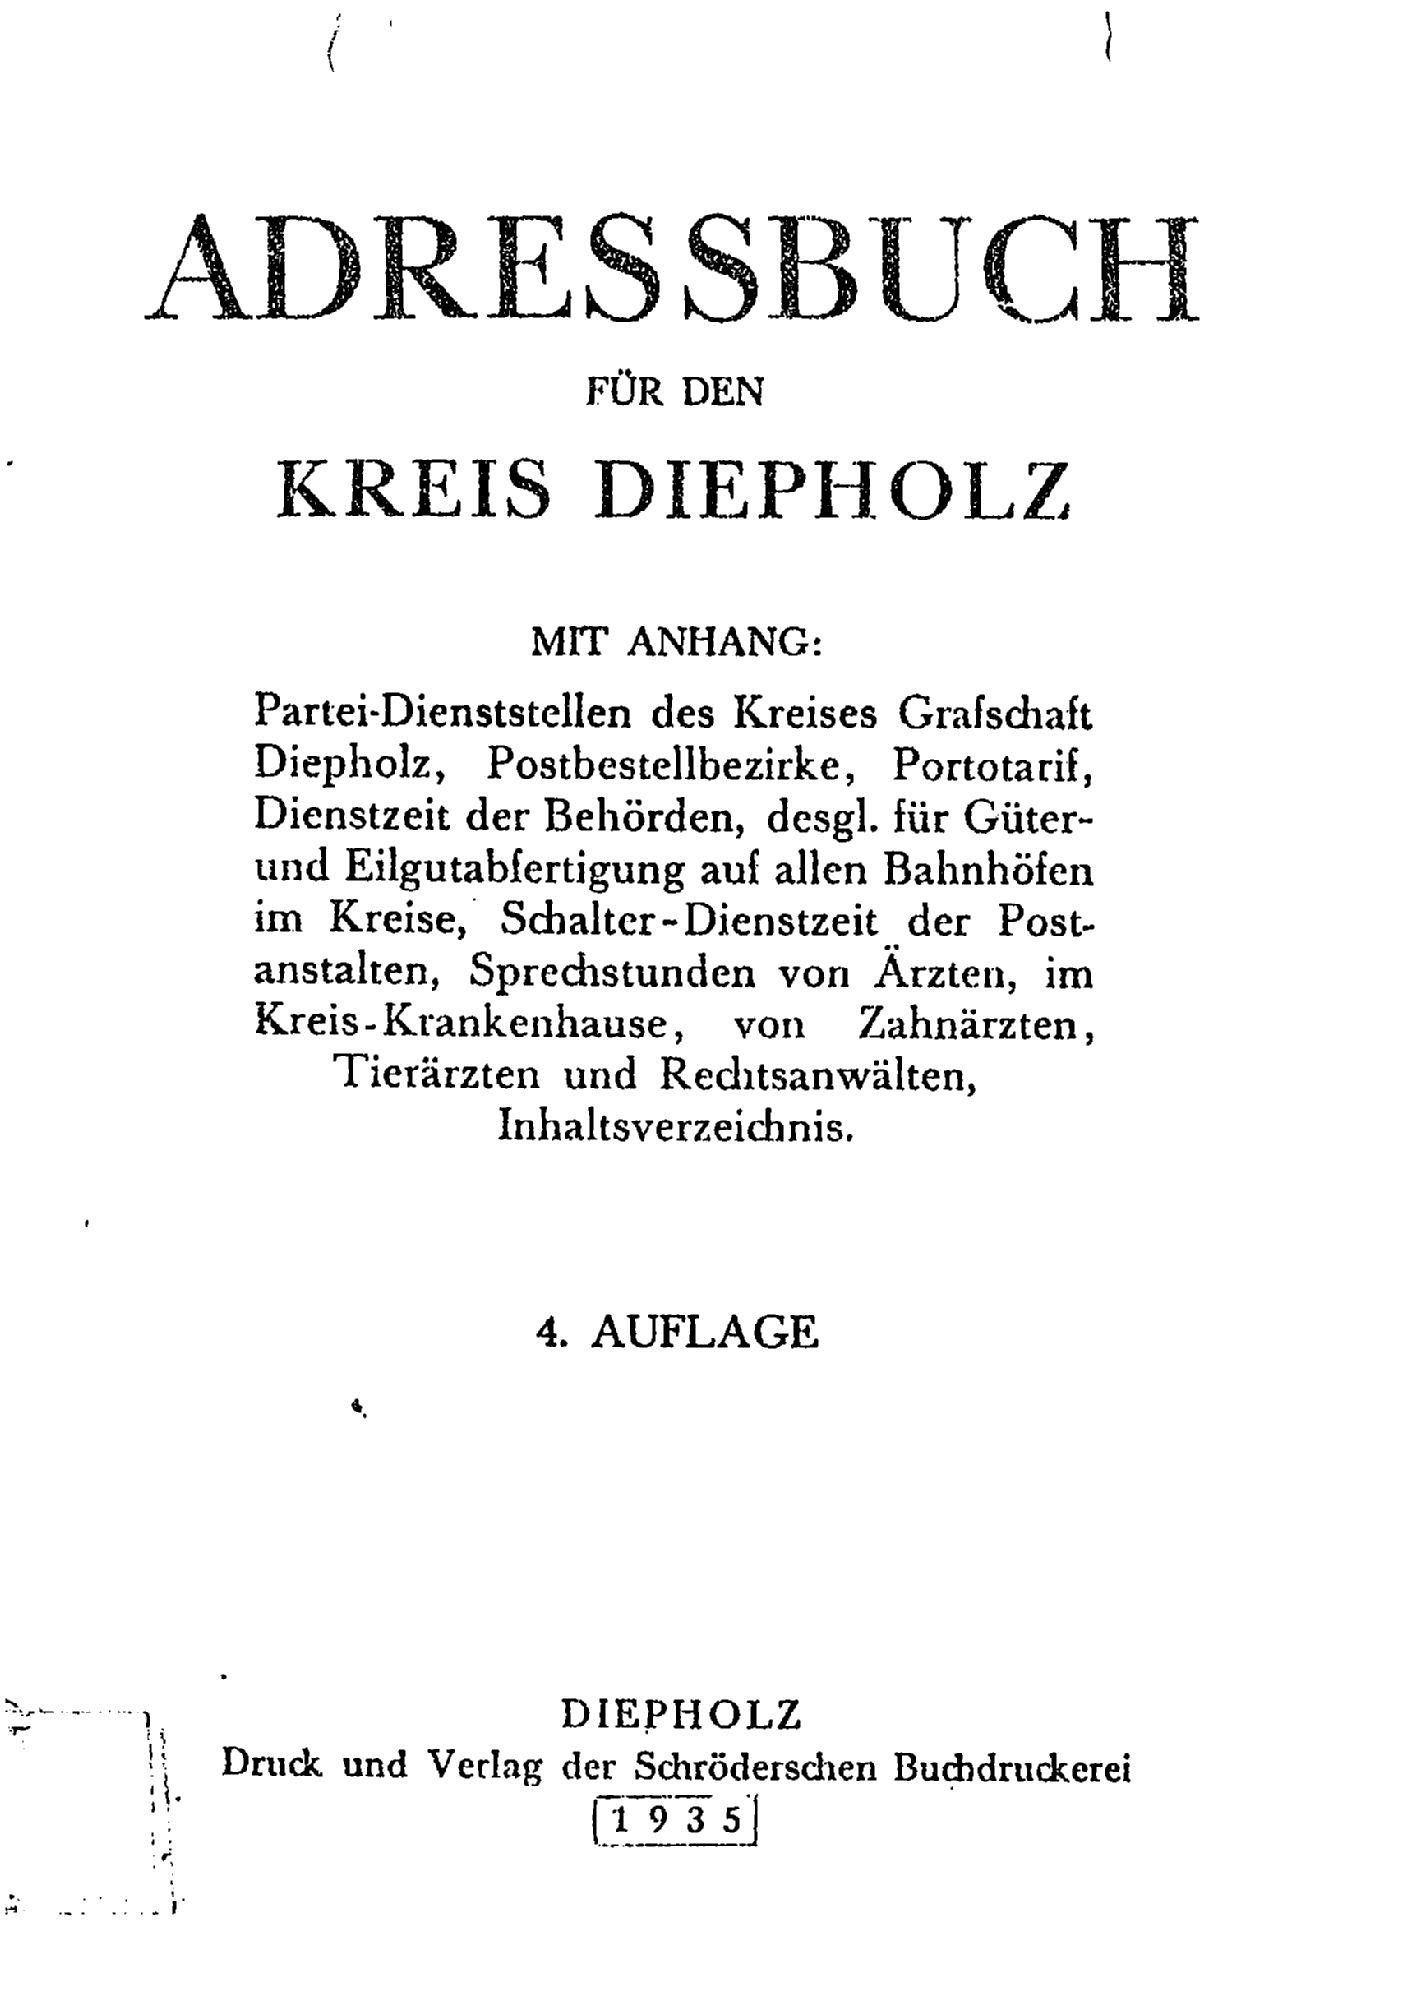 Adressbuch für den Kreis Diepholz 1935